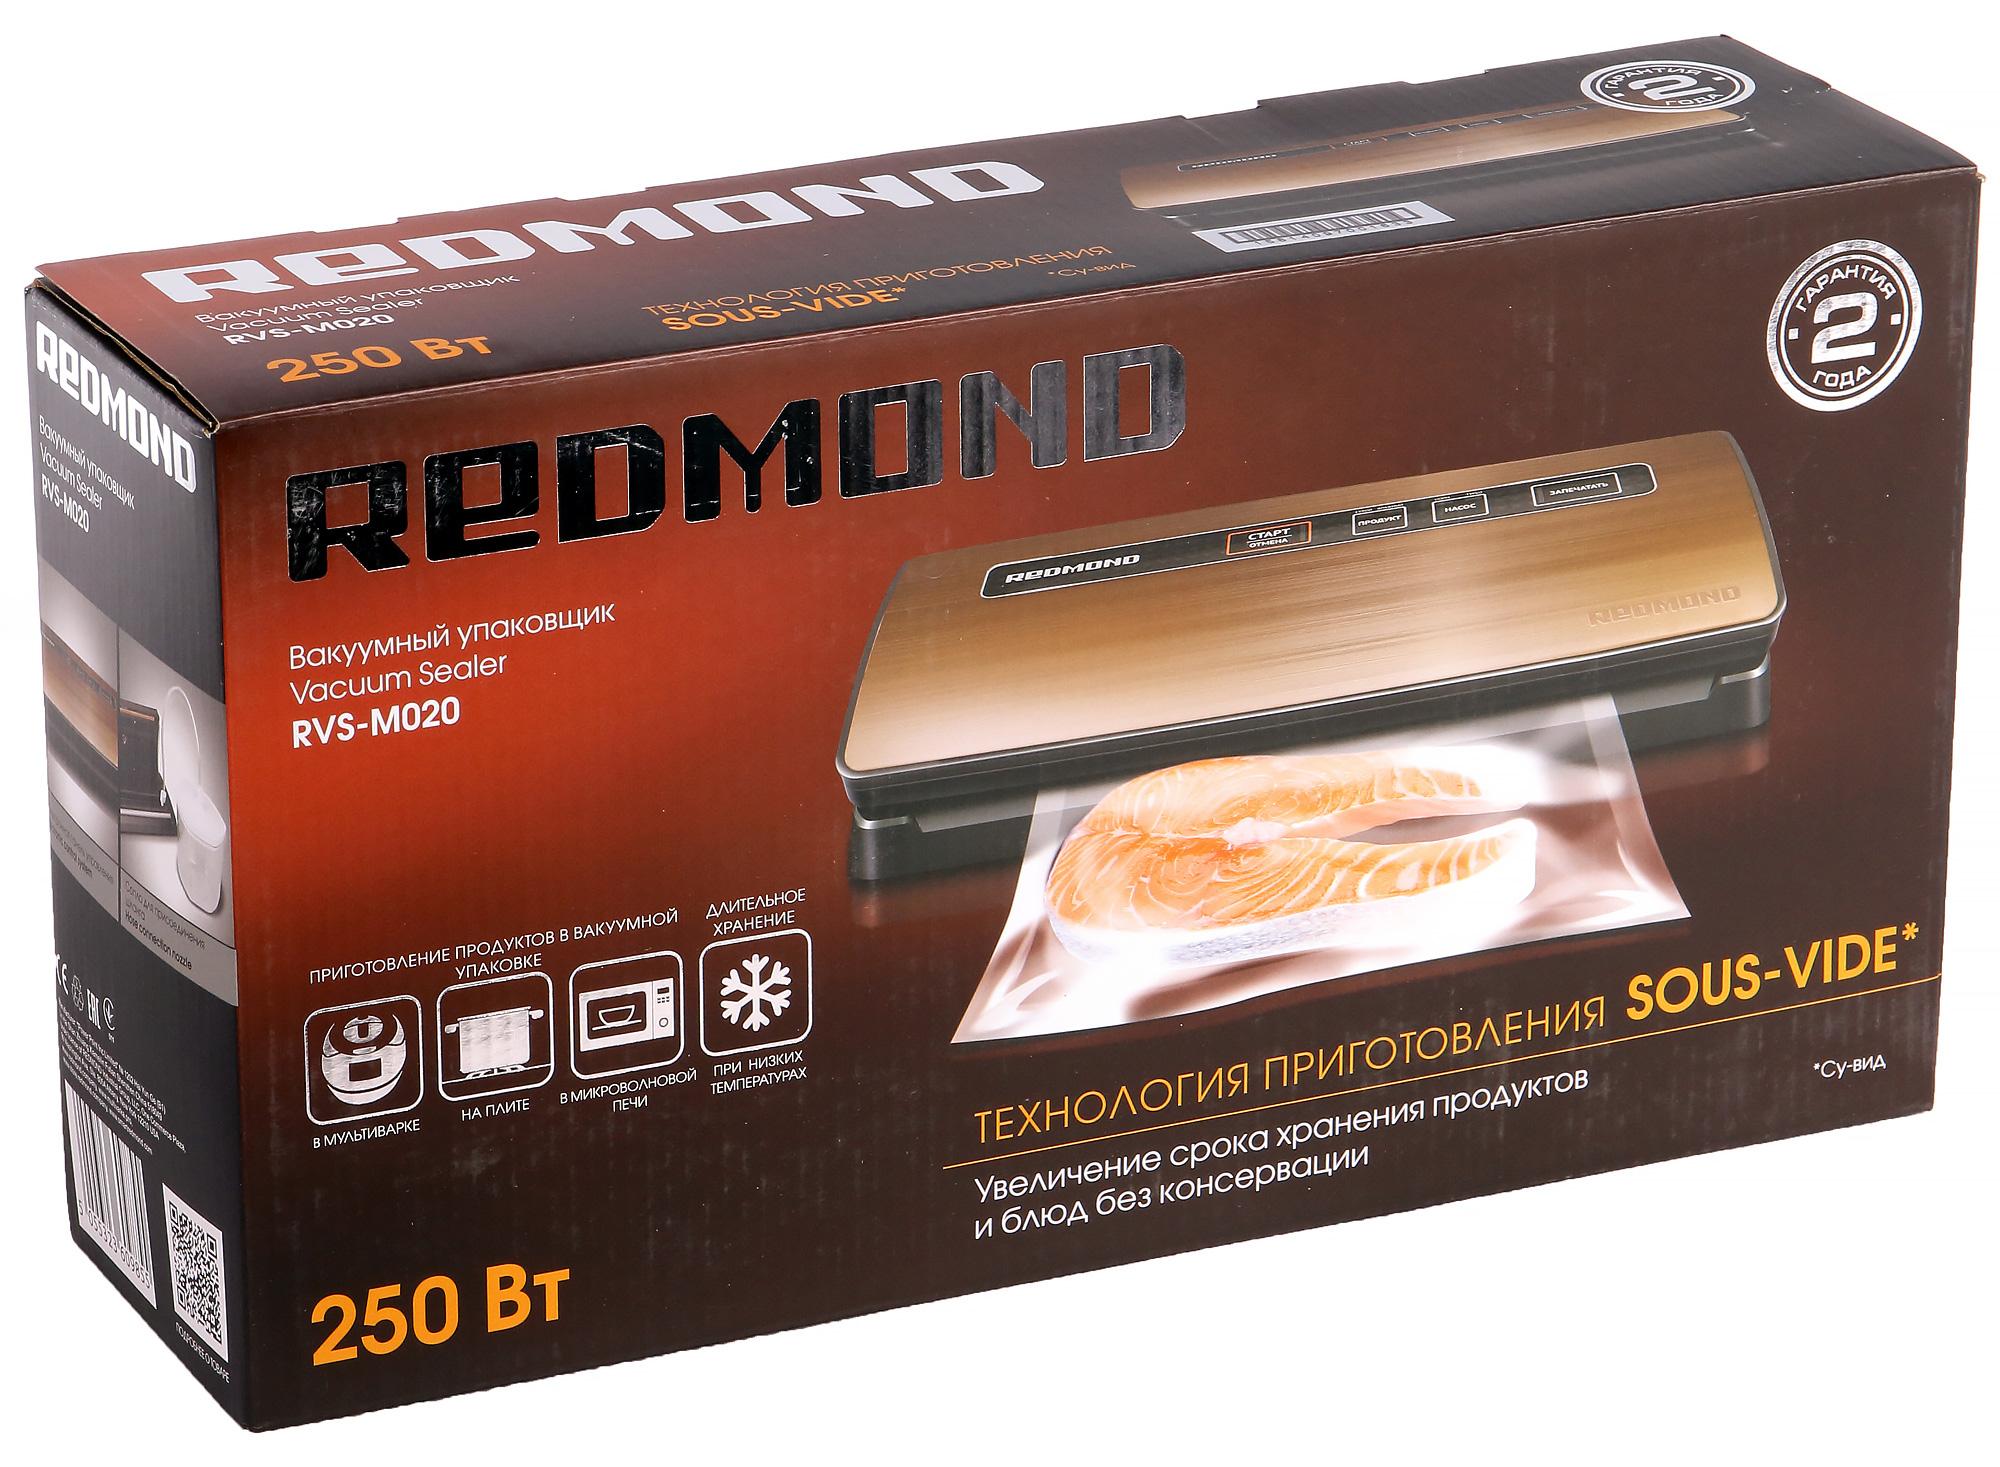 Вакуумный упаковщик из китая отзывы отзывы вакуумные упаковщики